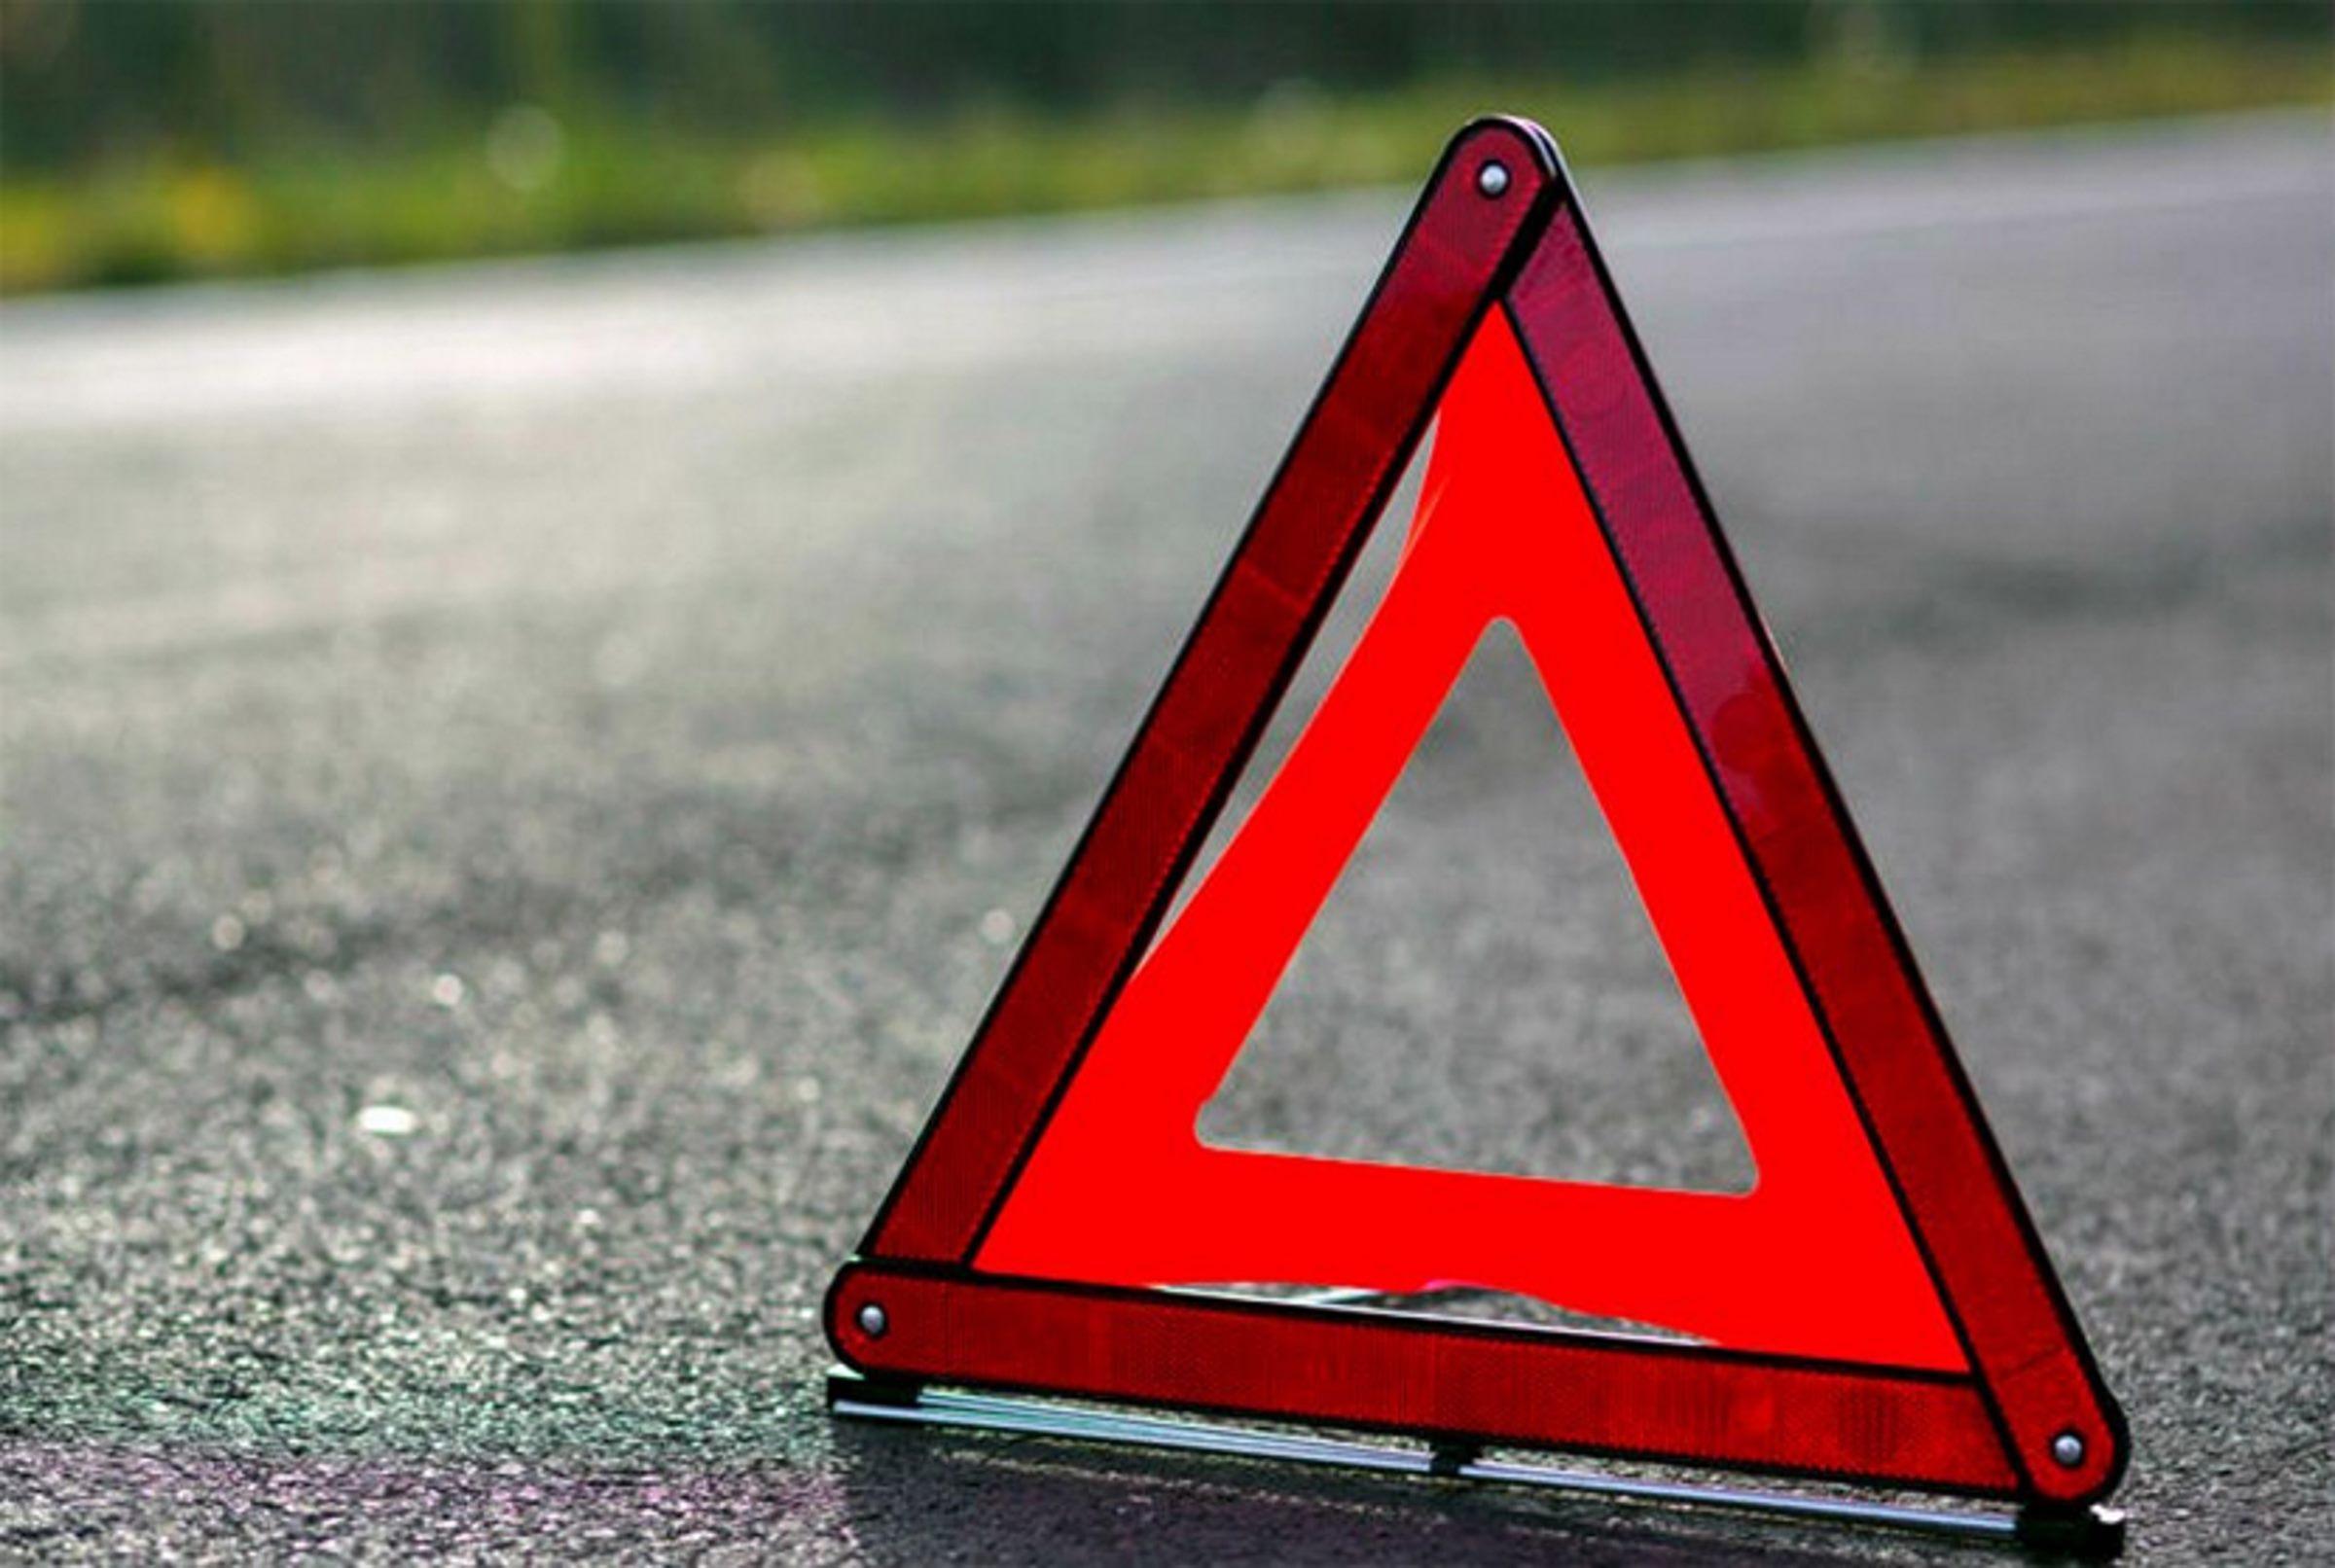 На трассе в Тверской области трезвый водитель врезался в дерево